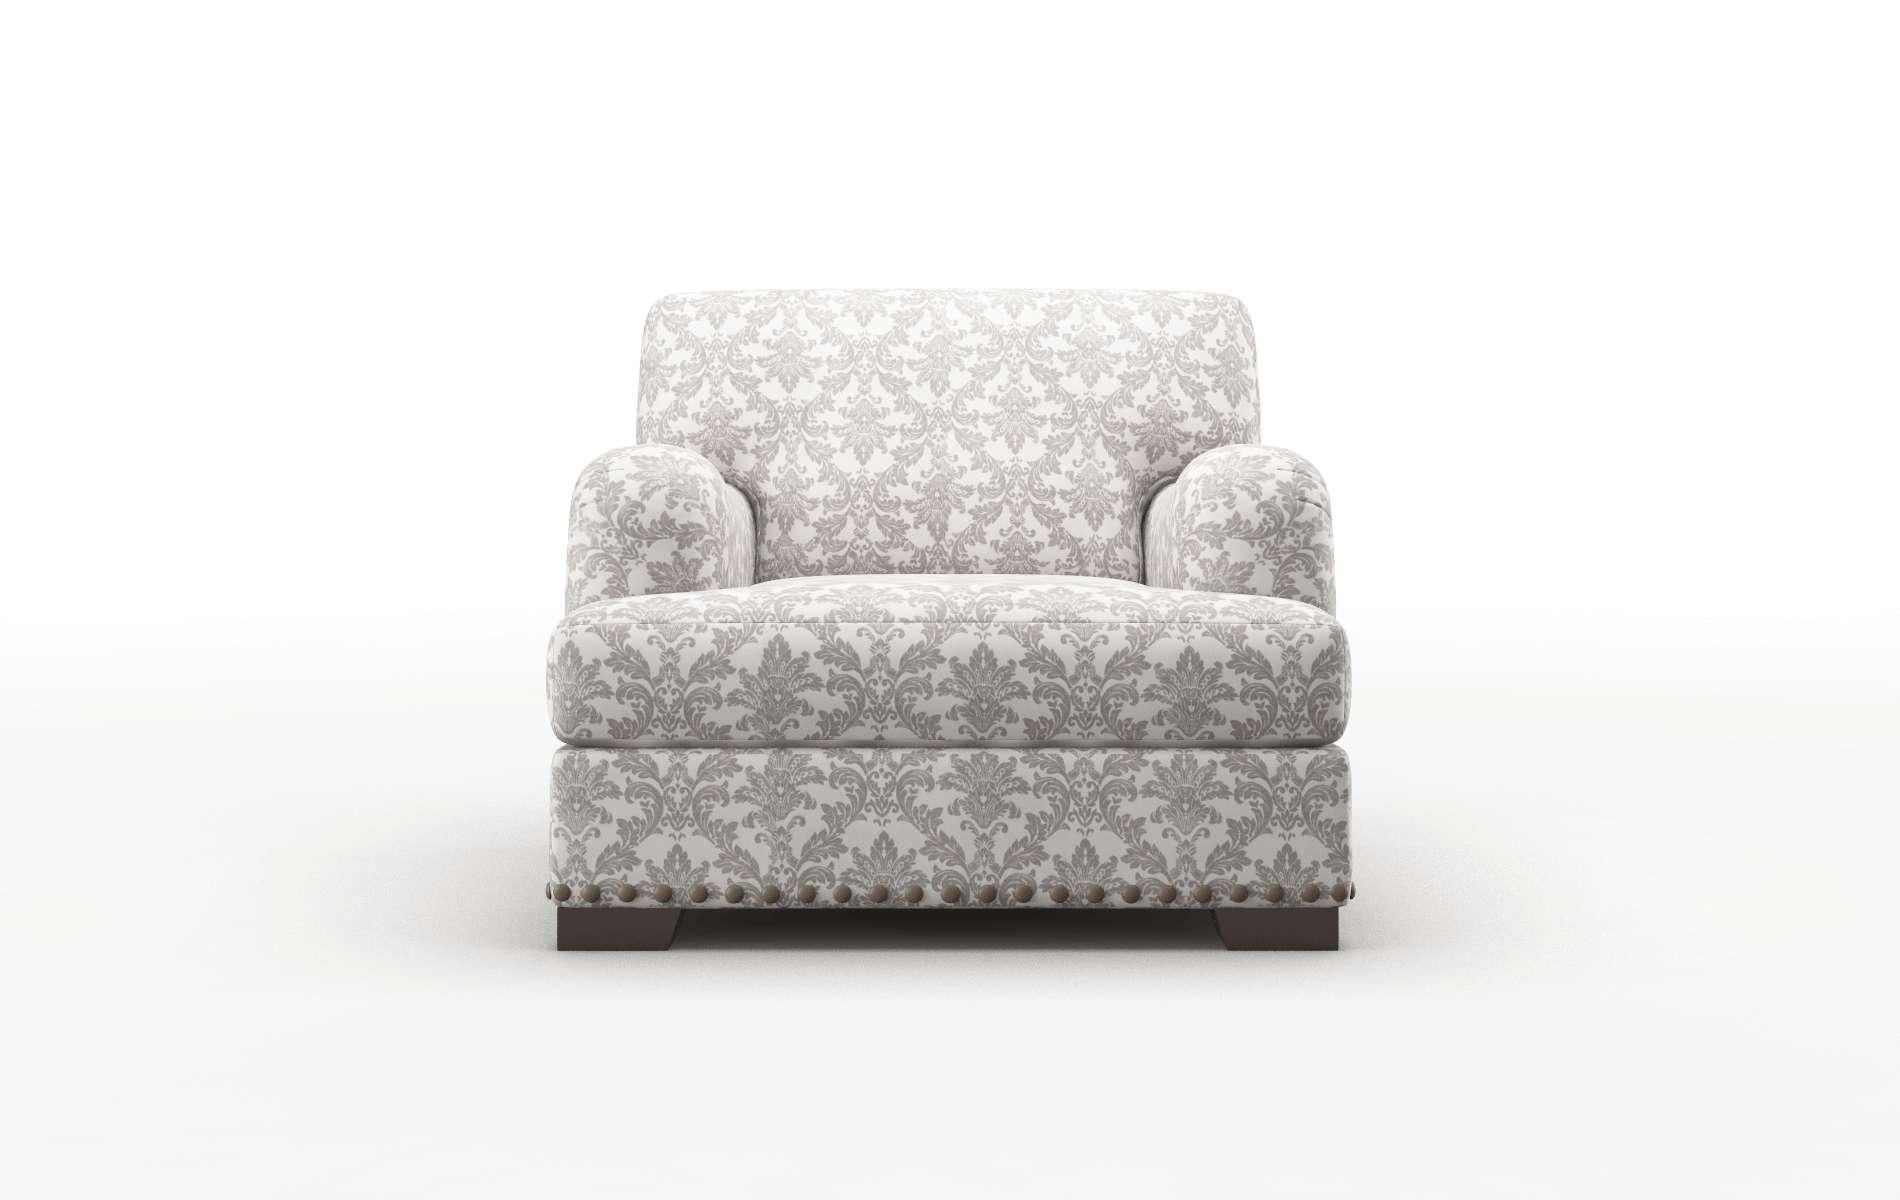 Brighton Bergamo Dove Chair espresso legs 1